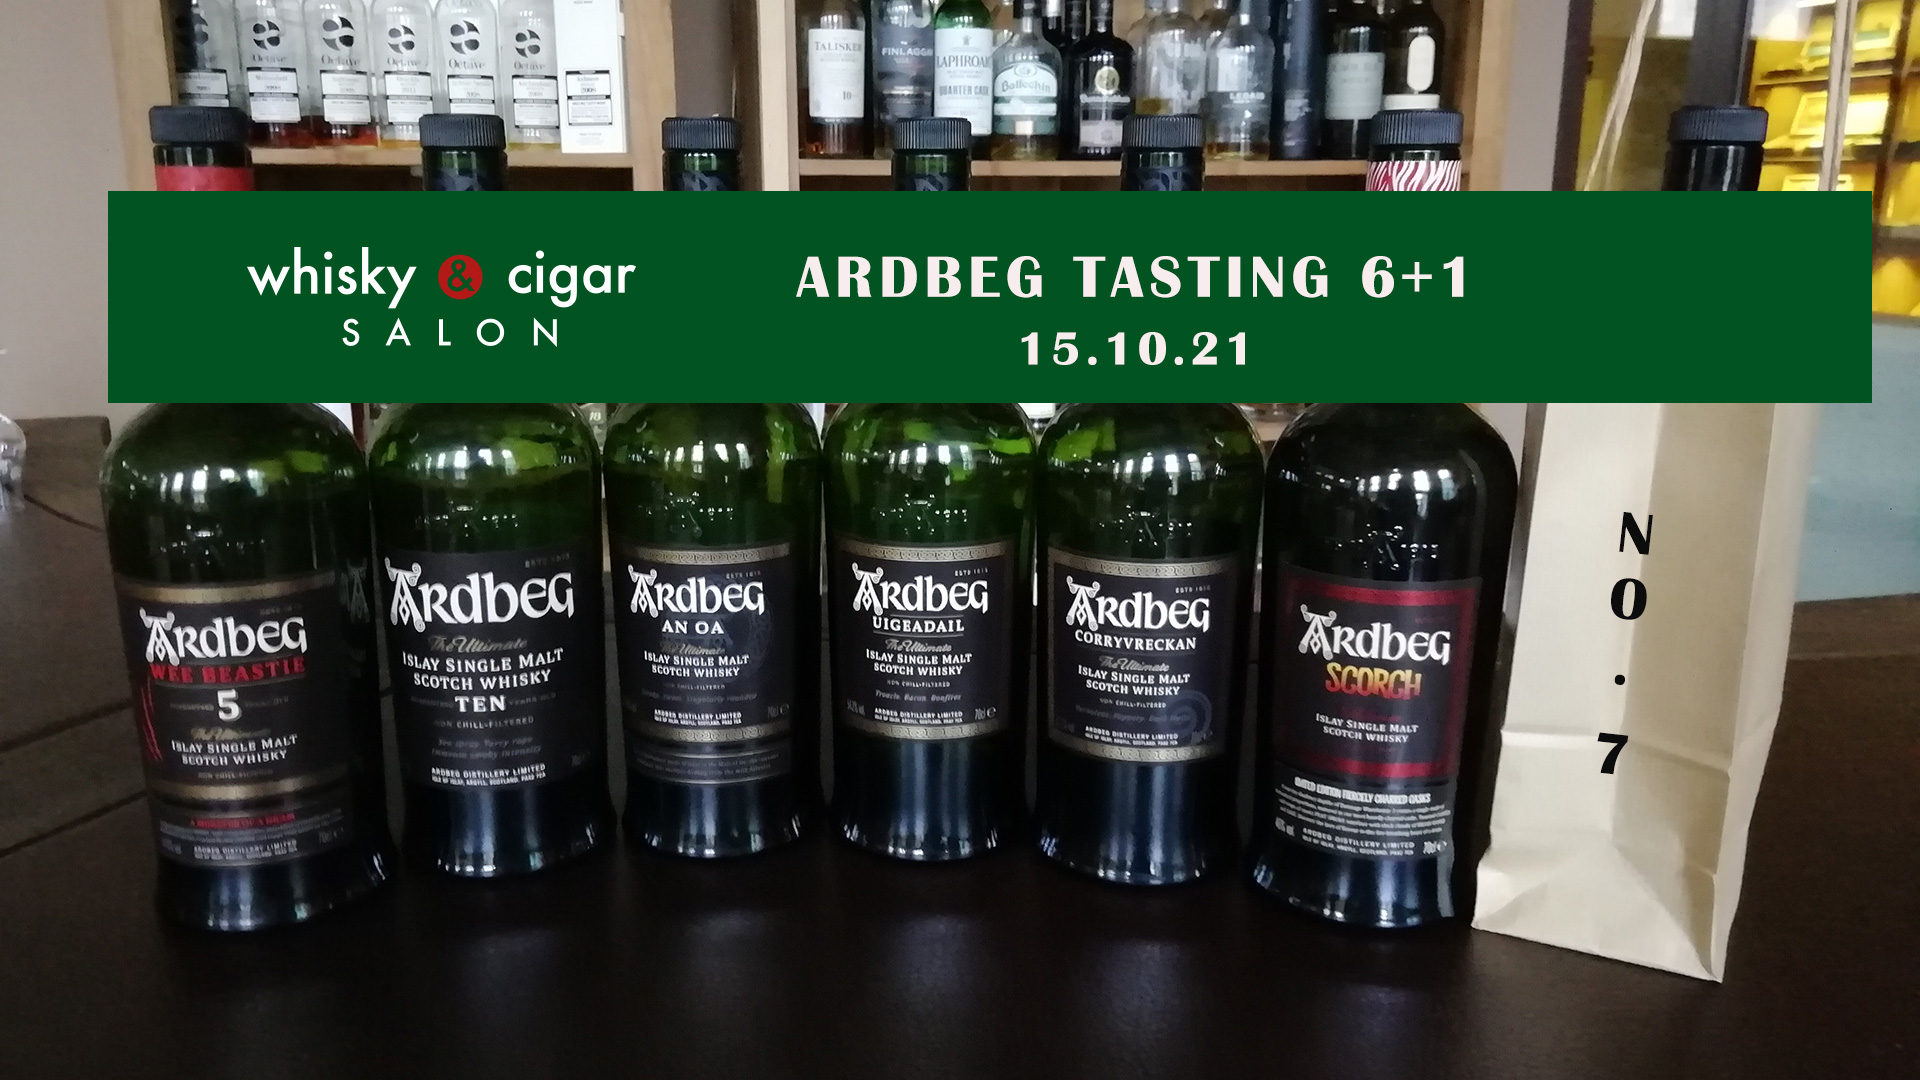 Ardbeg tasting line-up